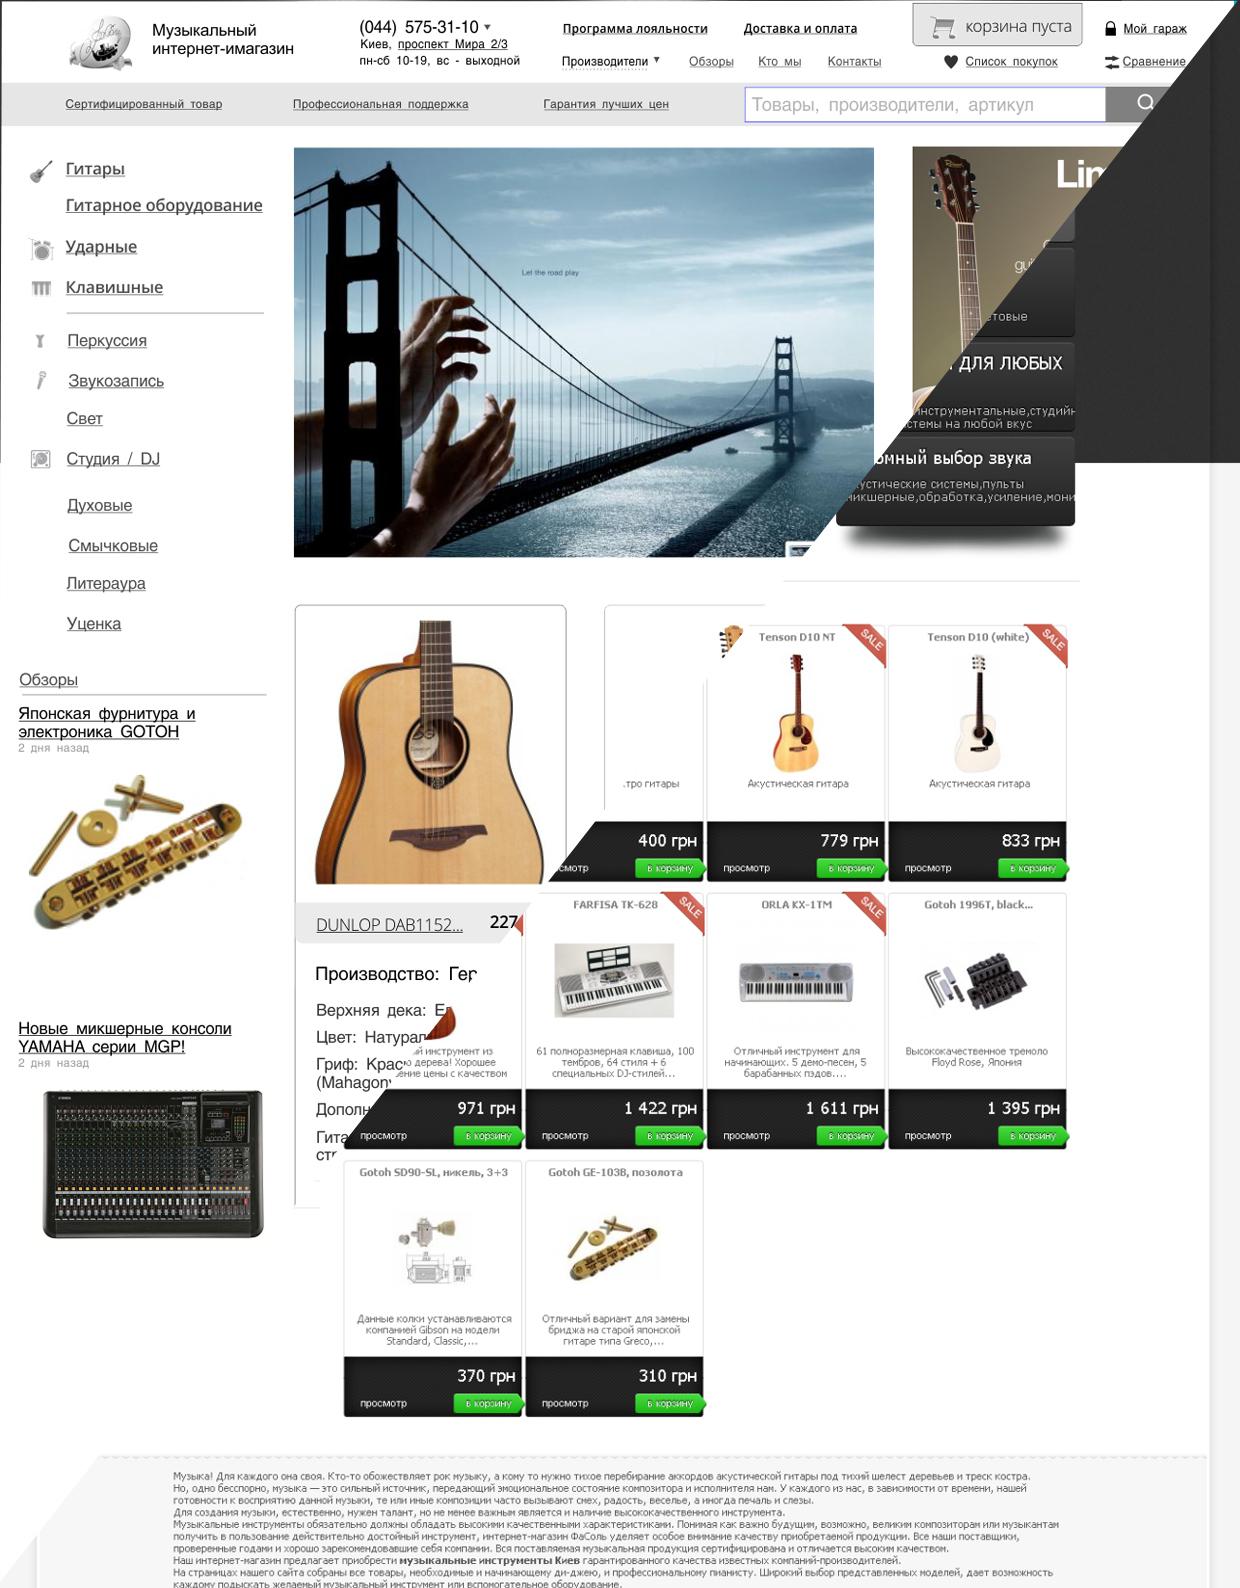 Пример наших услуг по юзабилити для проекта «Фасоль» → задача: повысить удобство навигации по сайту.